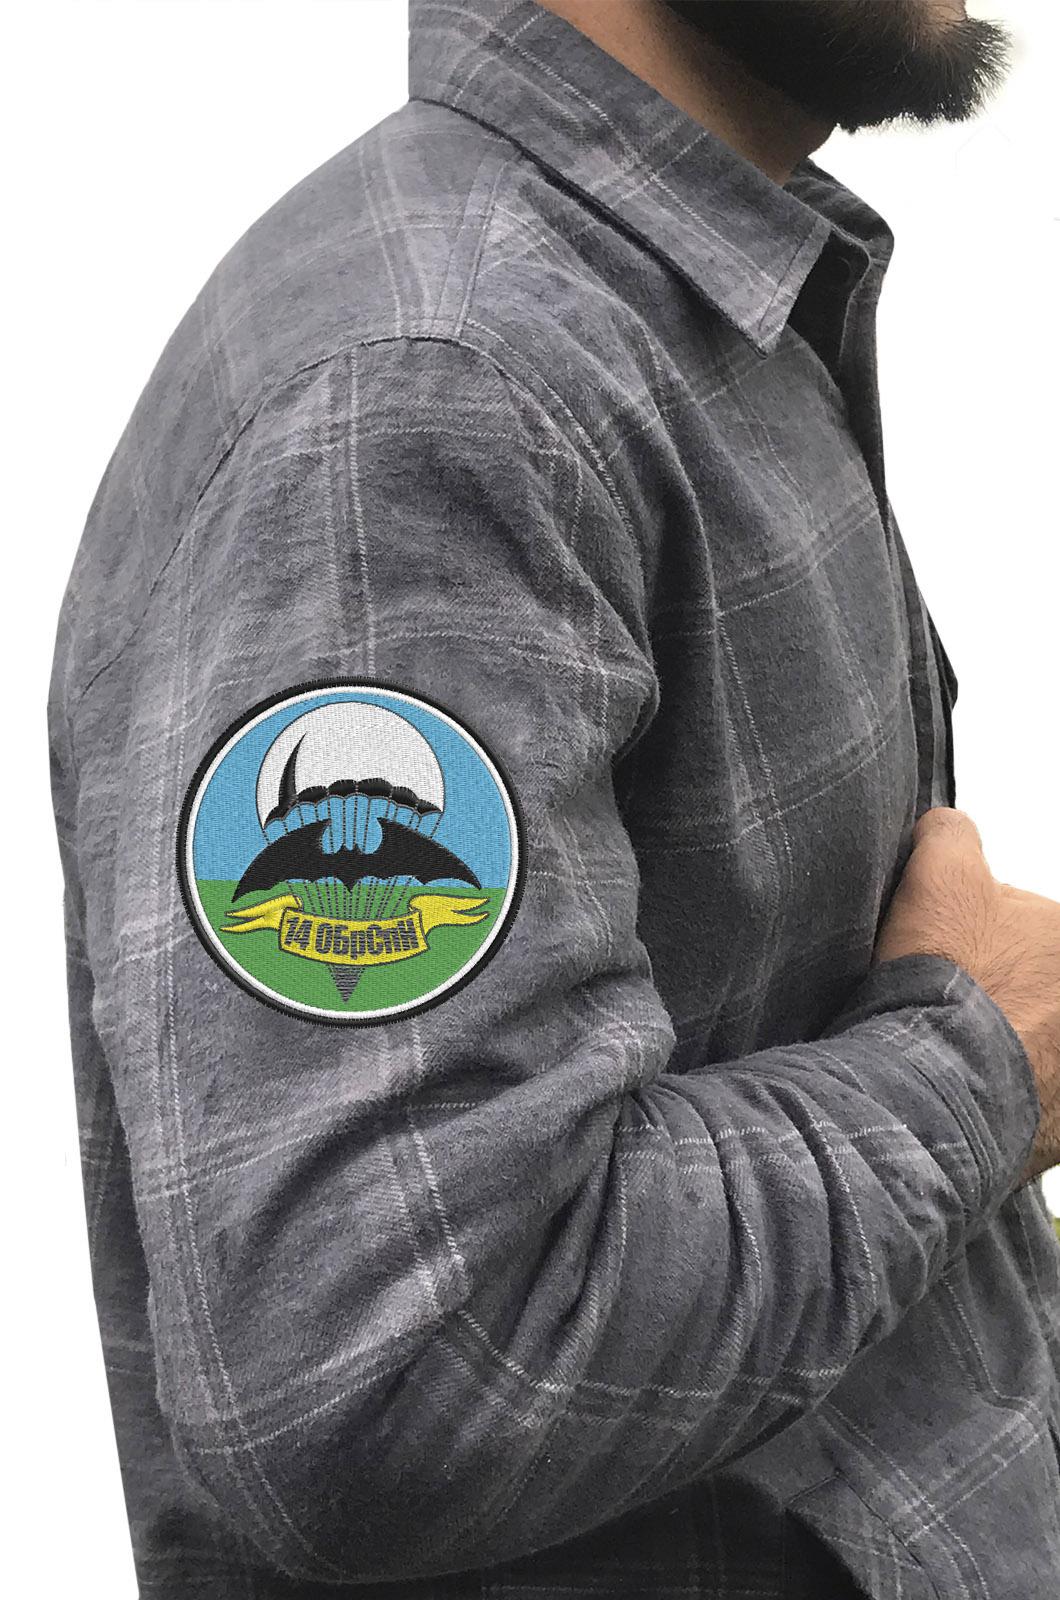 Мужская рубашка с шевроном 14 ОБрСпН купить в подарок